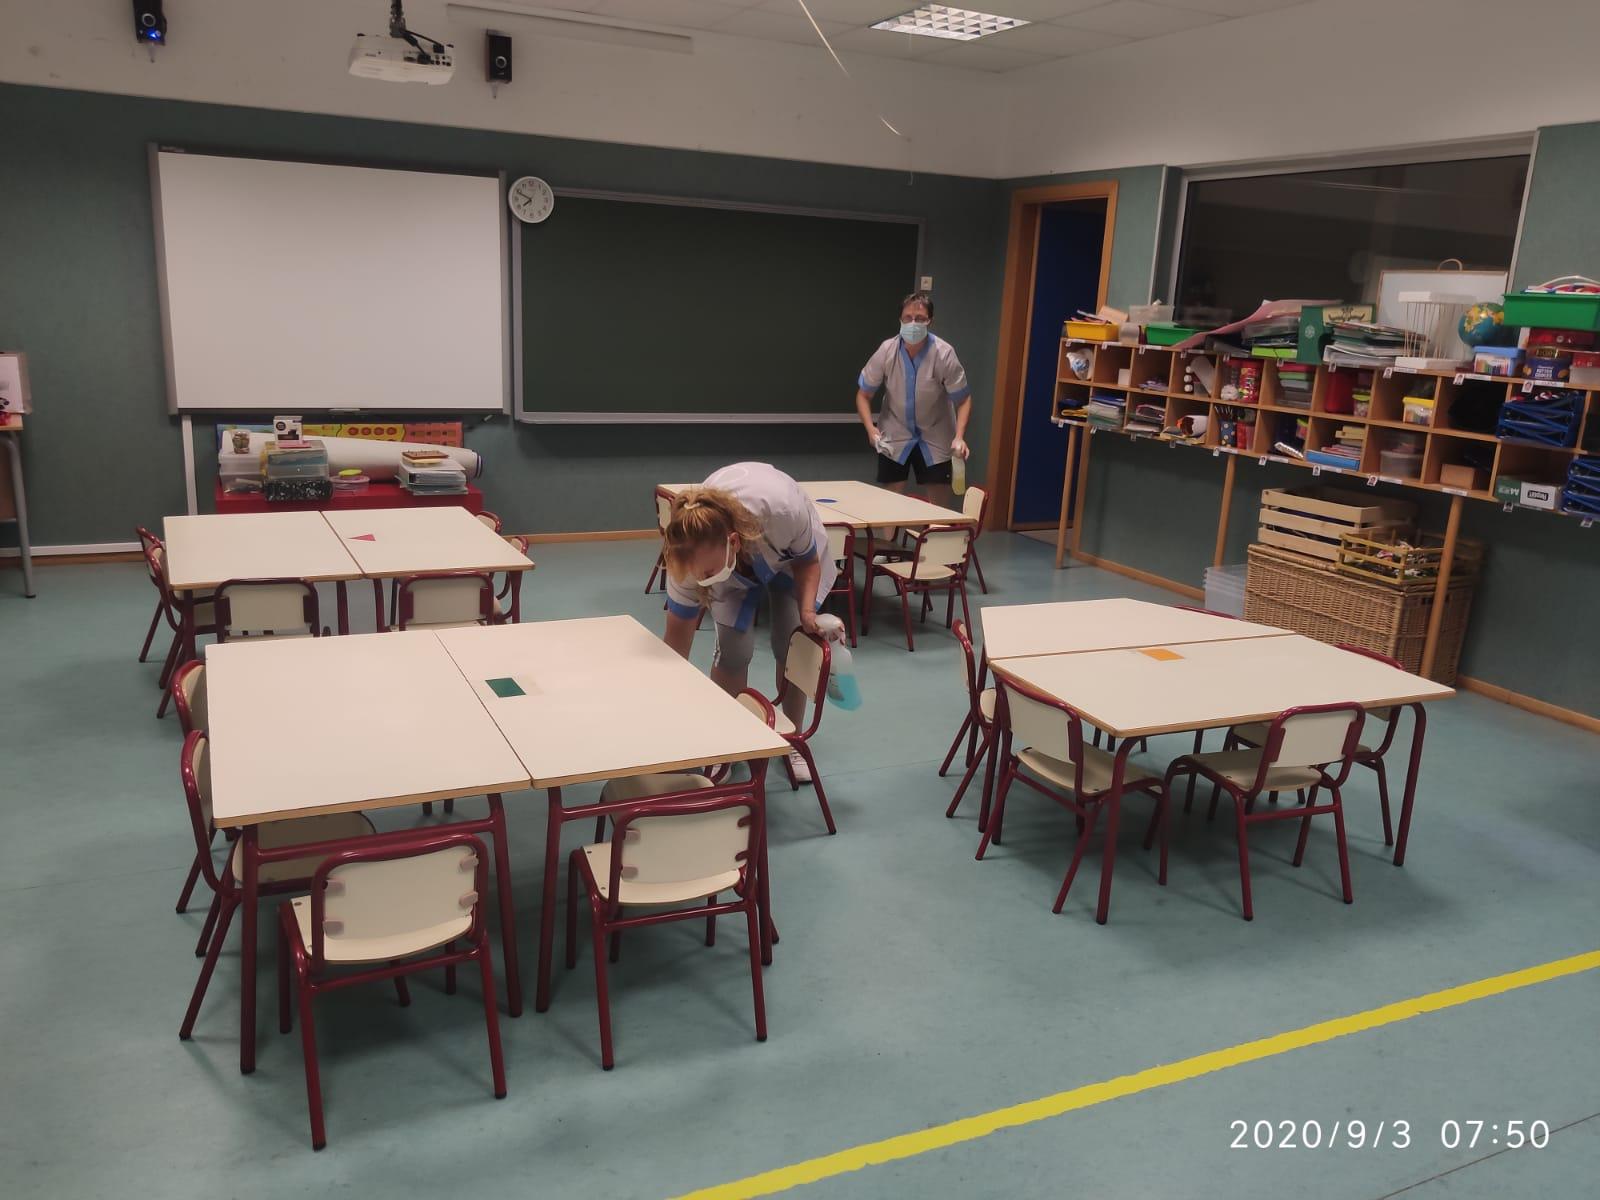 Vila-real refuerza la limpieza en los colegios con más personal y horarios para garantizar la seguridad por la COVID-19